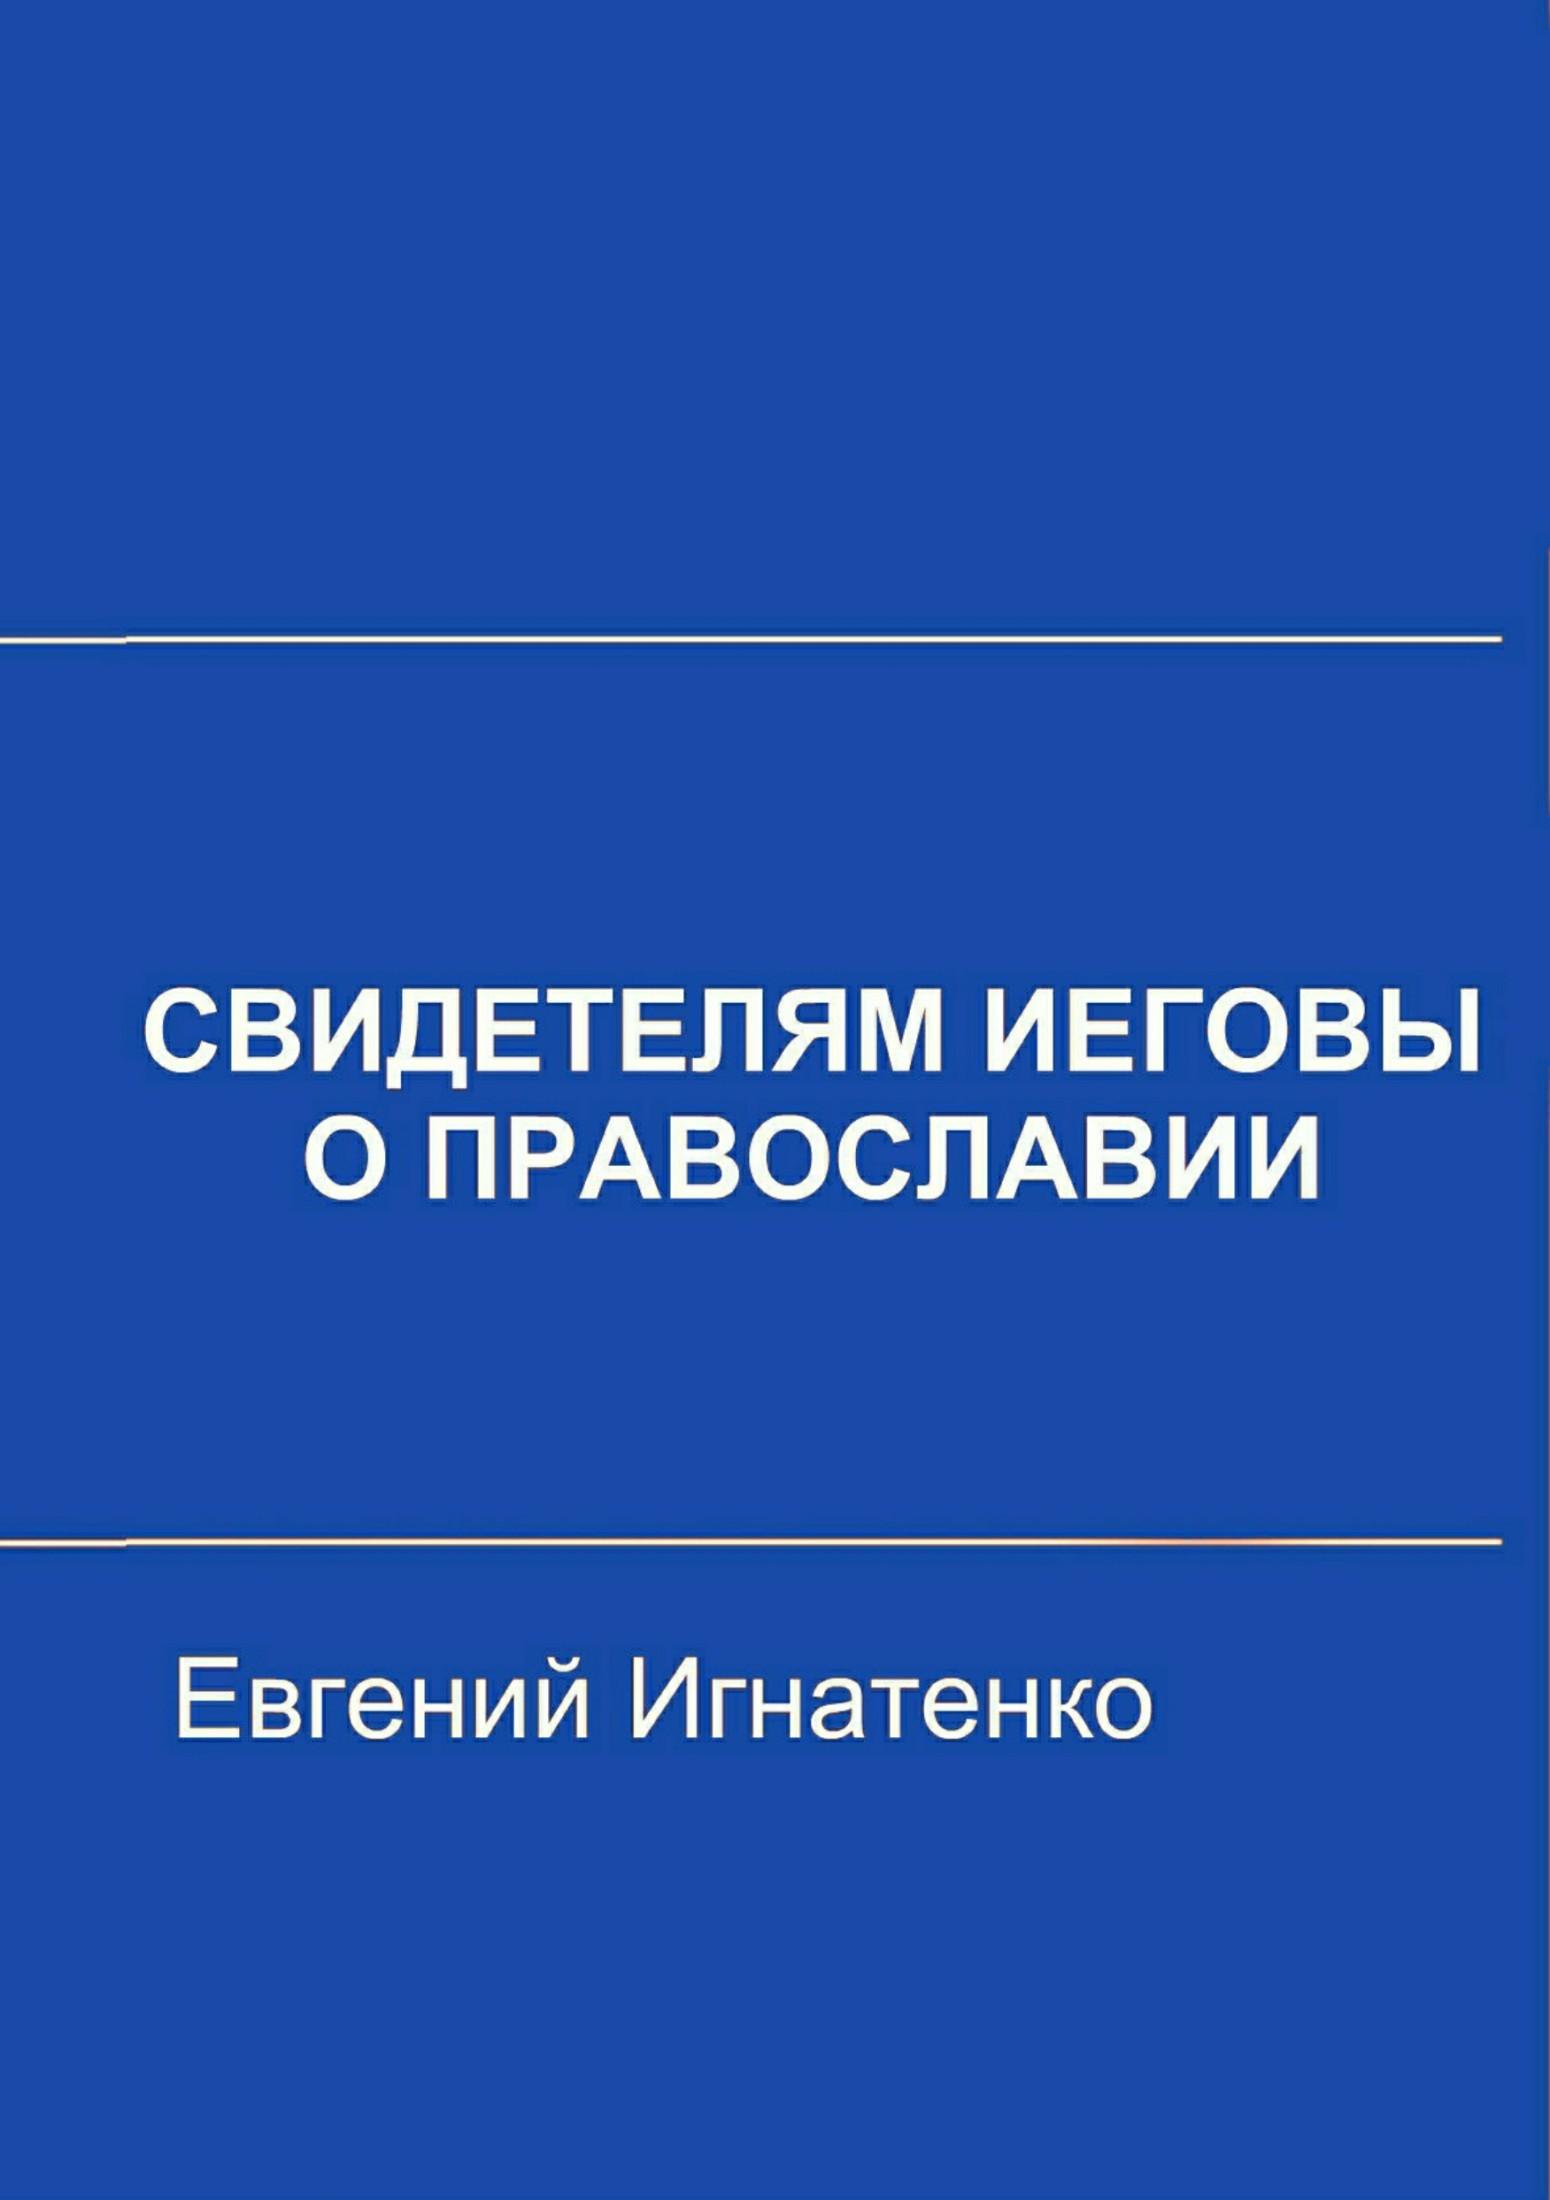 Евгений Игнатенко бесплатно